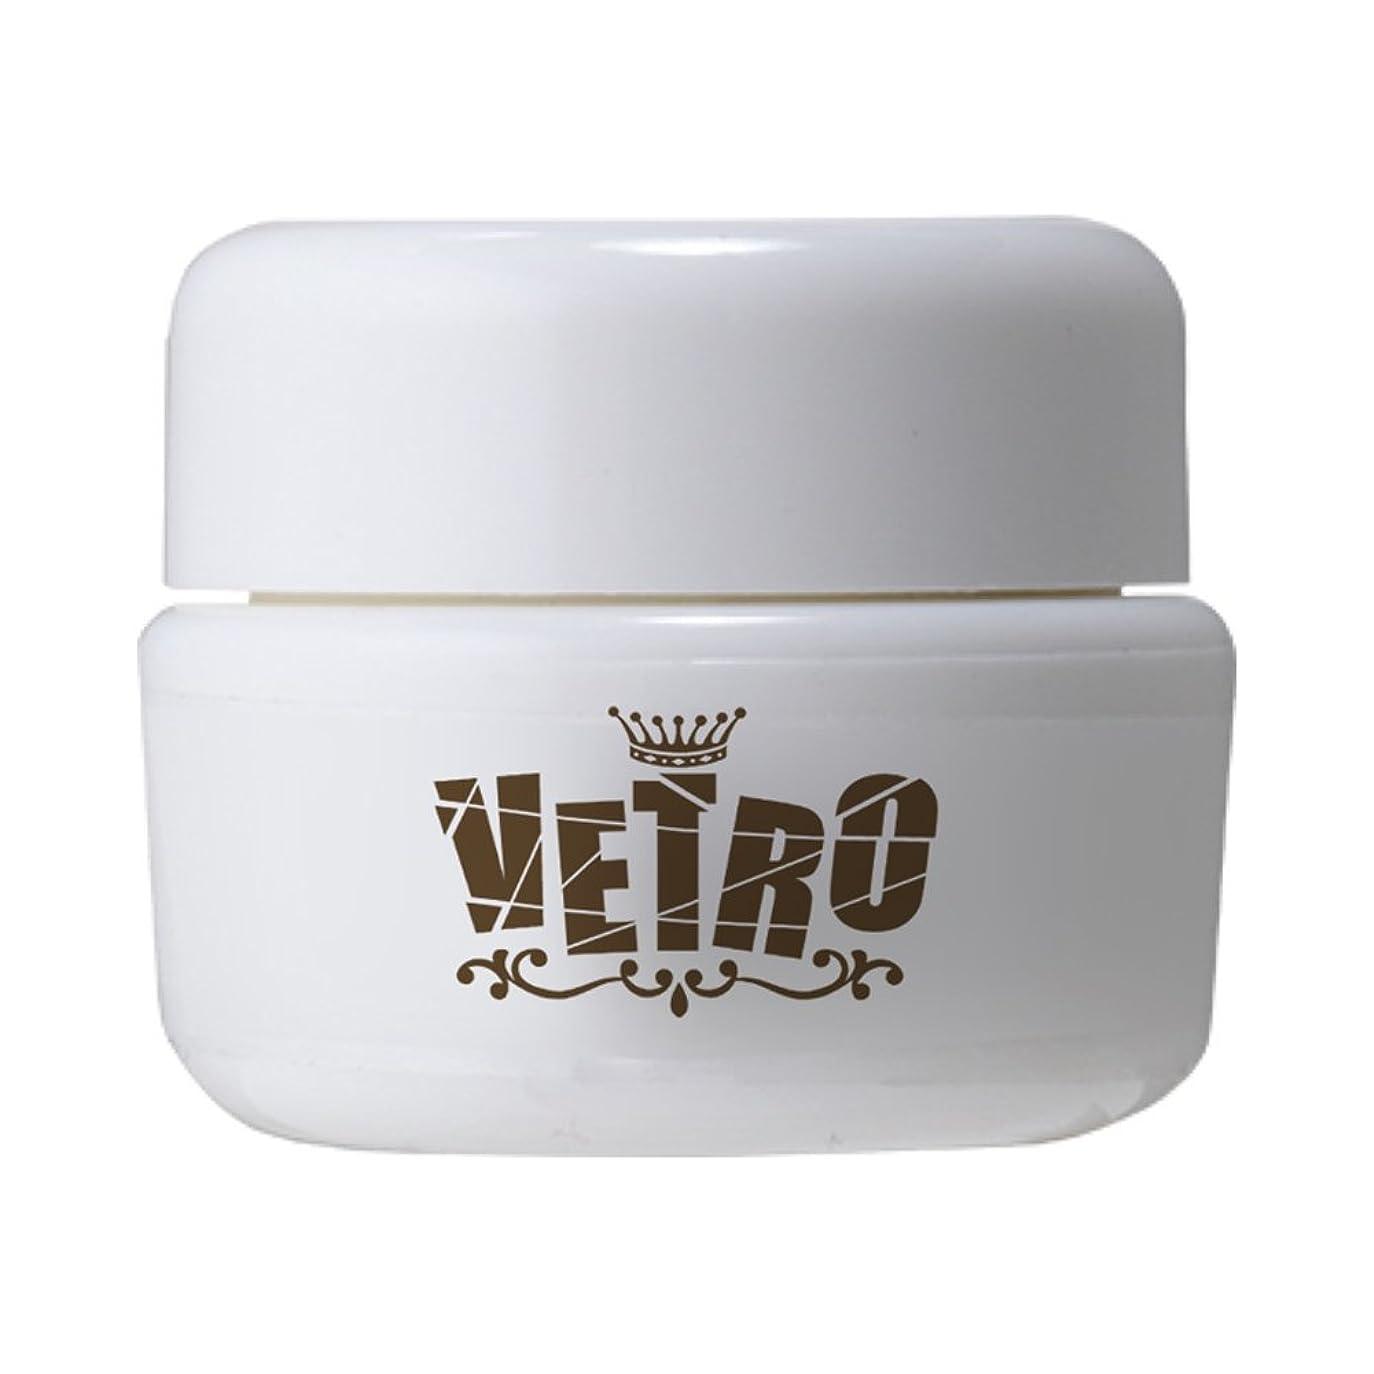 フォーマット医師地質学VETRO No.19 カラージェル マット VL407 ナチュラル 4ml